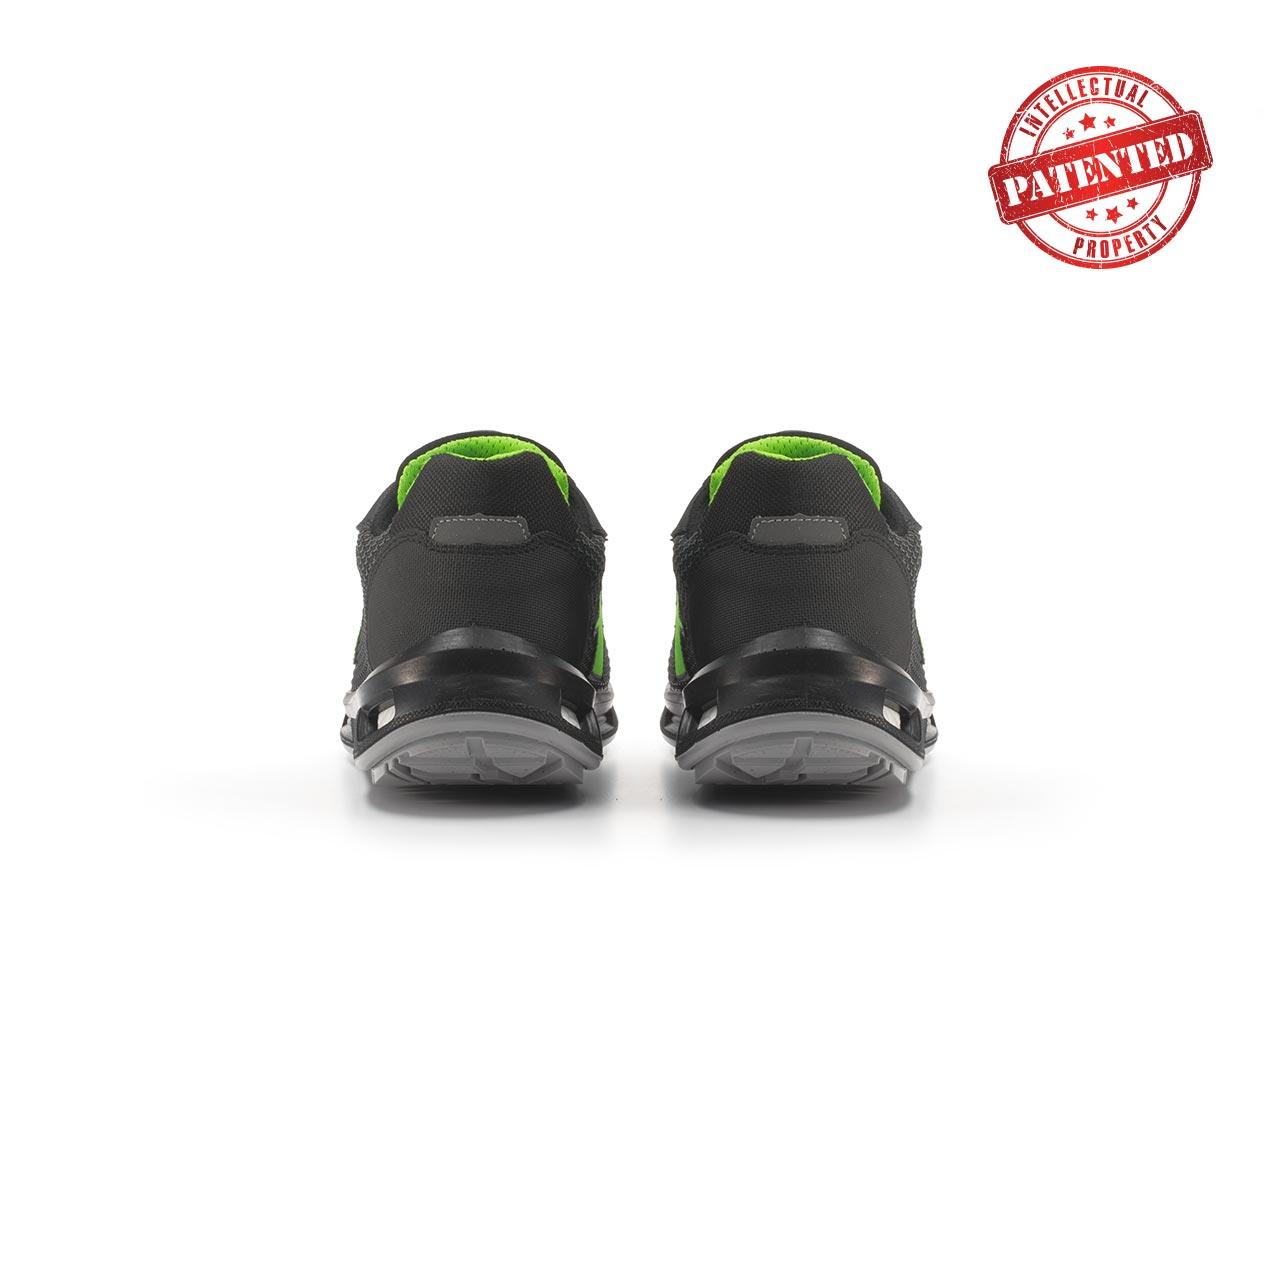 paio di scarpe antinfortunistiche upower modello monster linea redlion vista retro